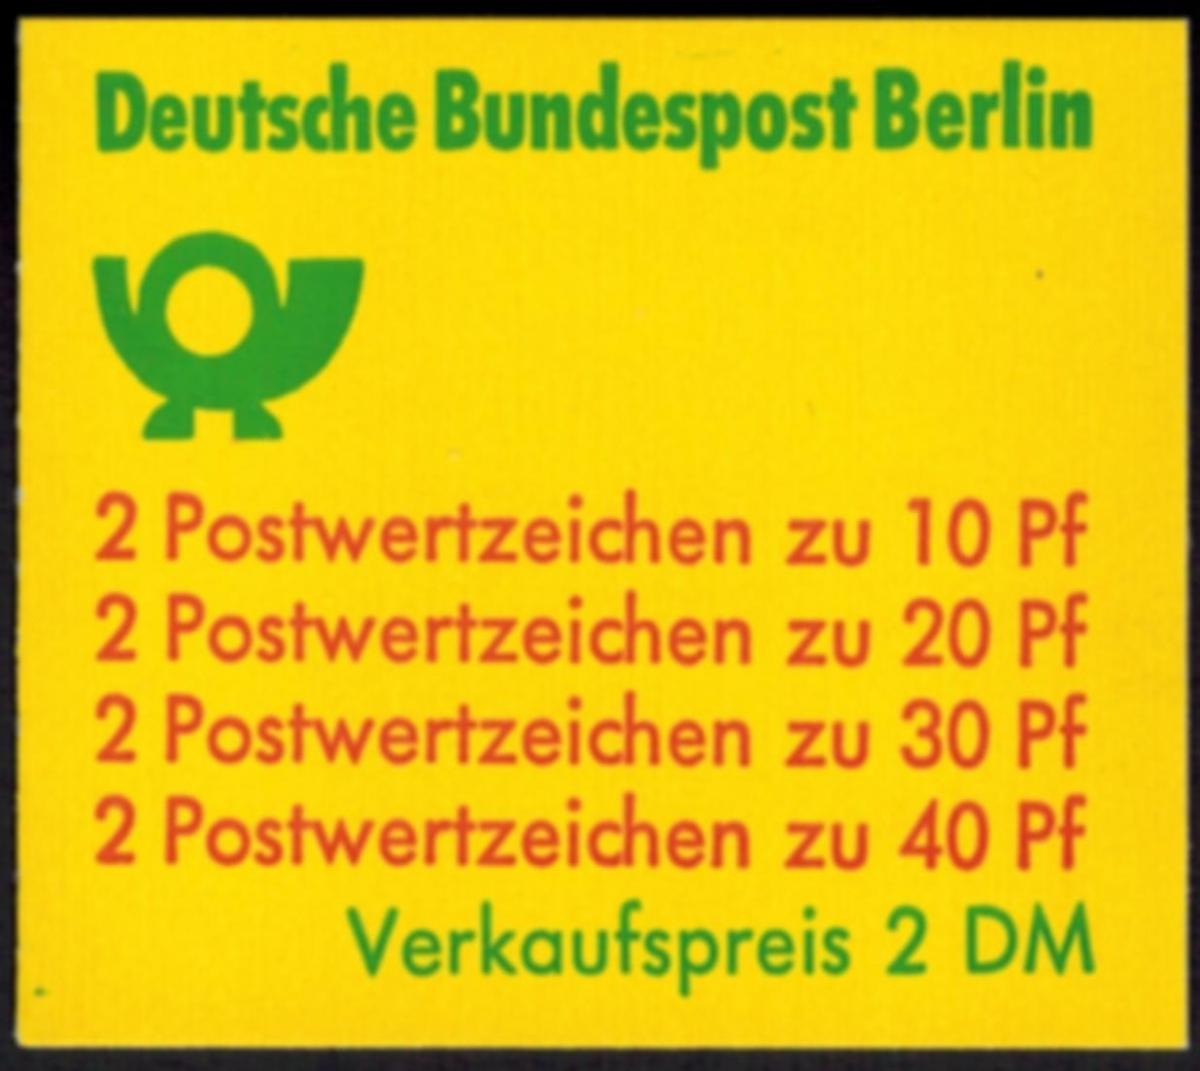 Berlin Markenheftchen 9 c I oZ Unfallverhütung 1974 tadellos postfrisch